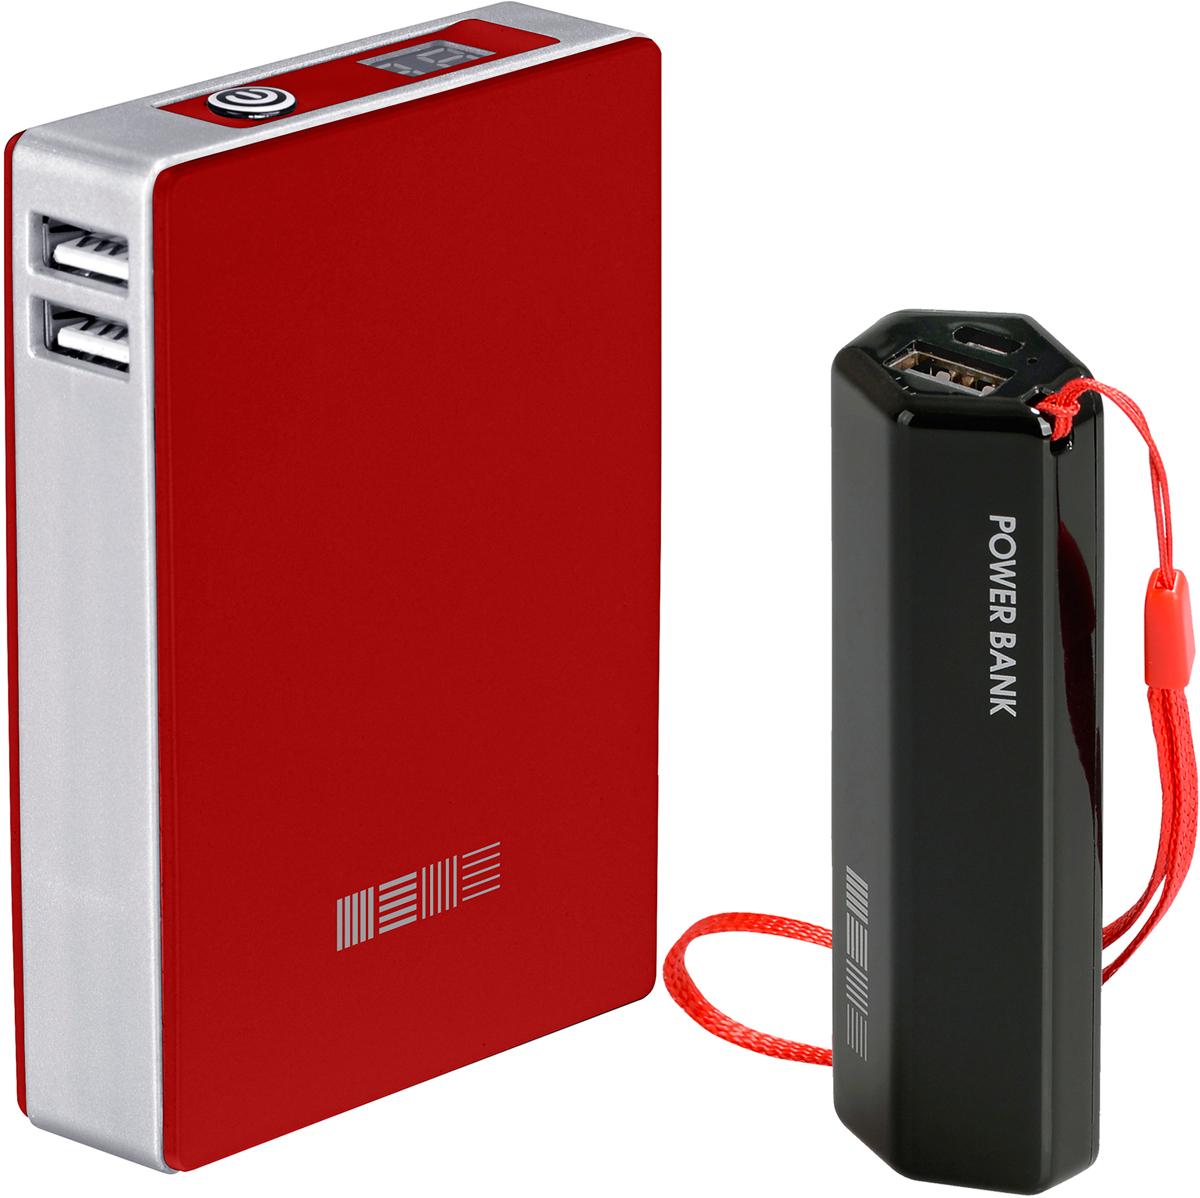 Interstep PB120002U (12000 мАч), Red + PB30001 (3000 мАч) комплект внешних аккумуляторов46958Soft touch покрытие, ячейки ULTRA 4 x 3000 мАч компоновка, 2USB/1+2AСлим упаковка с окномДисплей с точным отображением % заряда Вес 250 грДоп функция - Сквозной заряд.